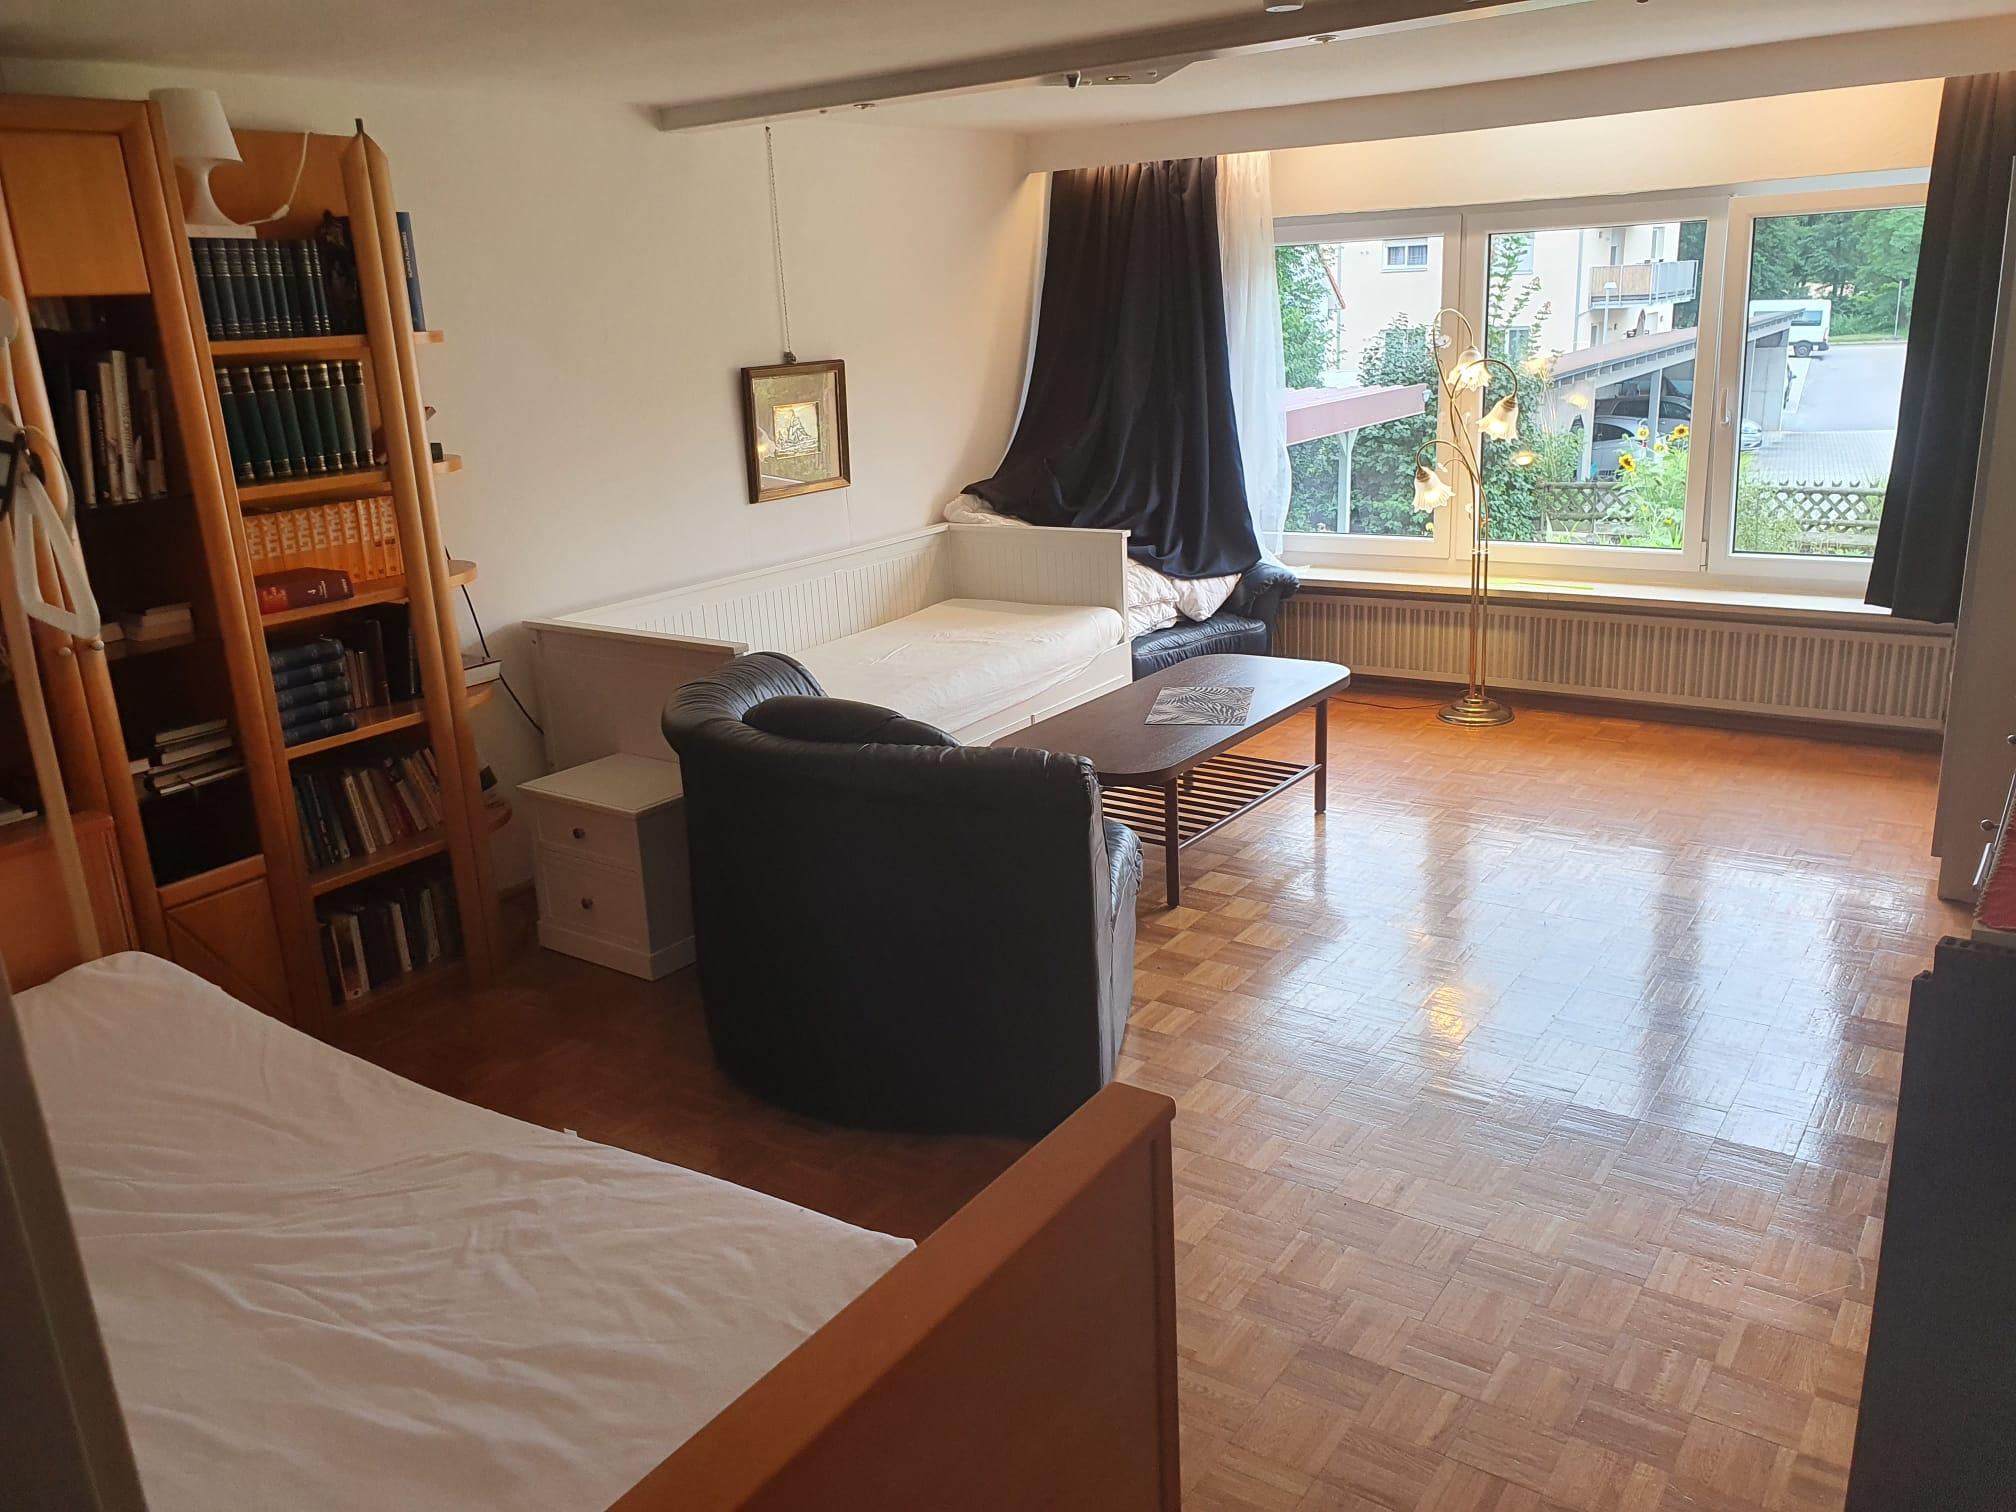 Wohn-Schlafzimmer mit Pflegebett (elektronisch mit Bettgalgen) und Tagesbett für Begleitperson